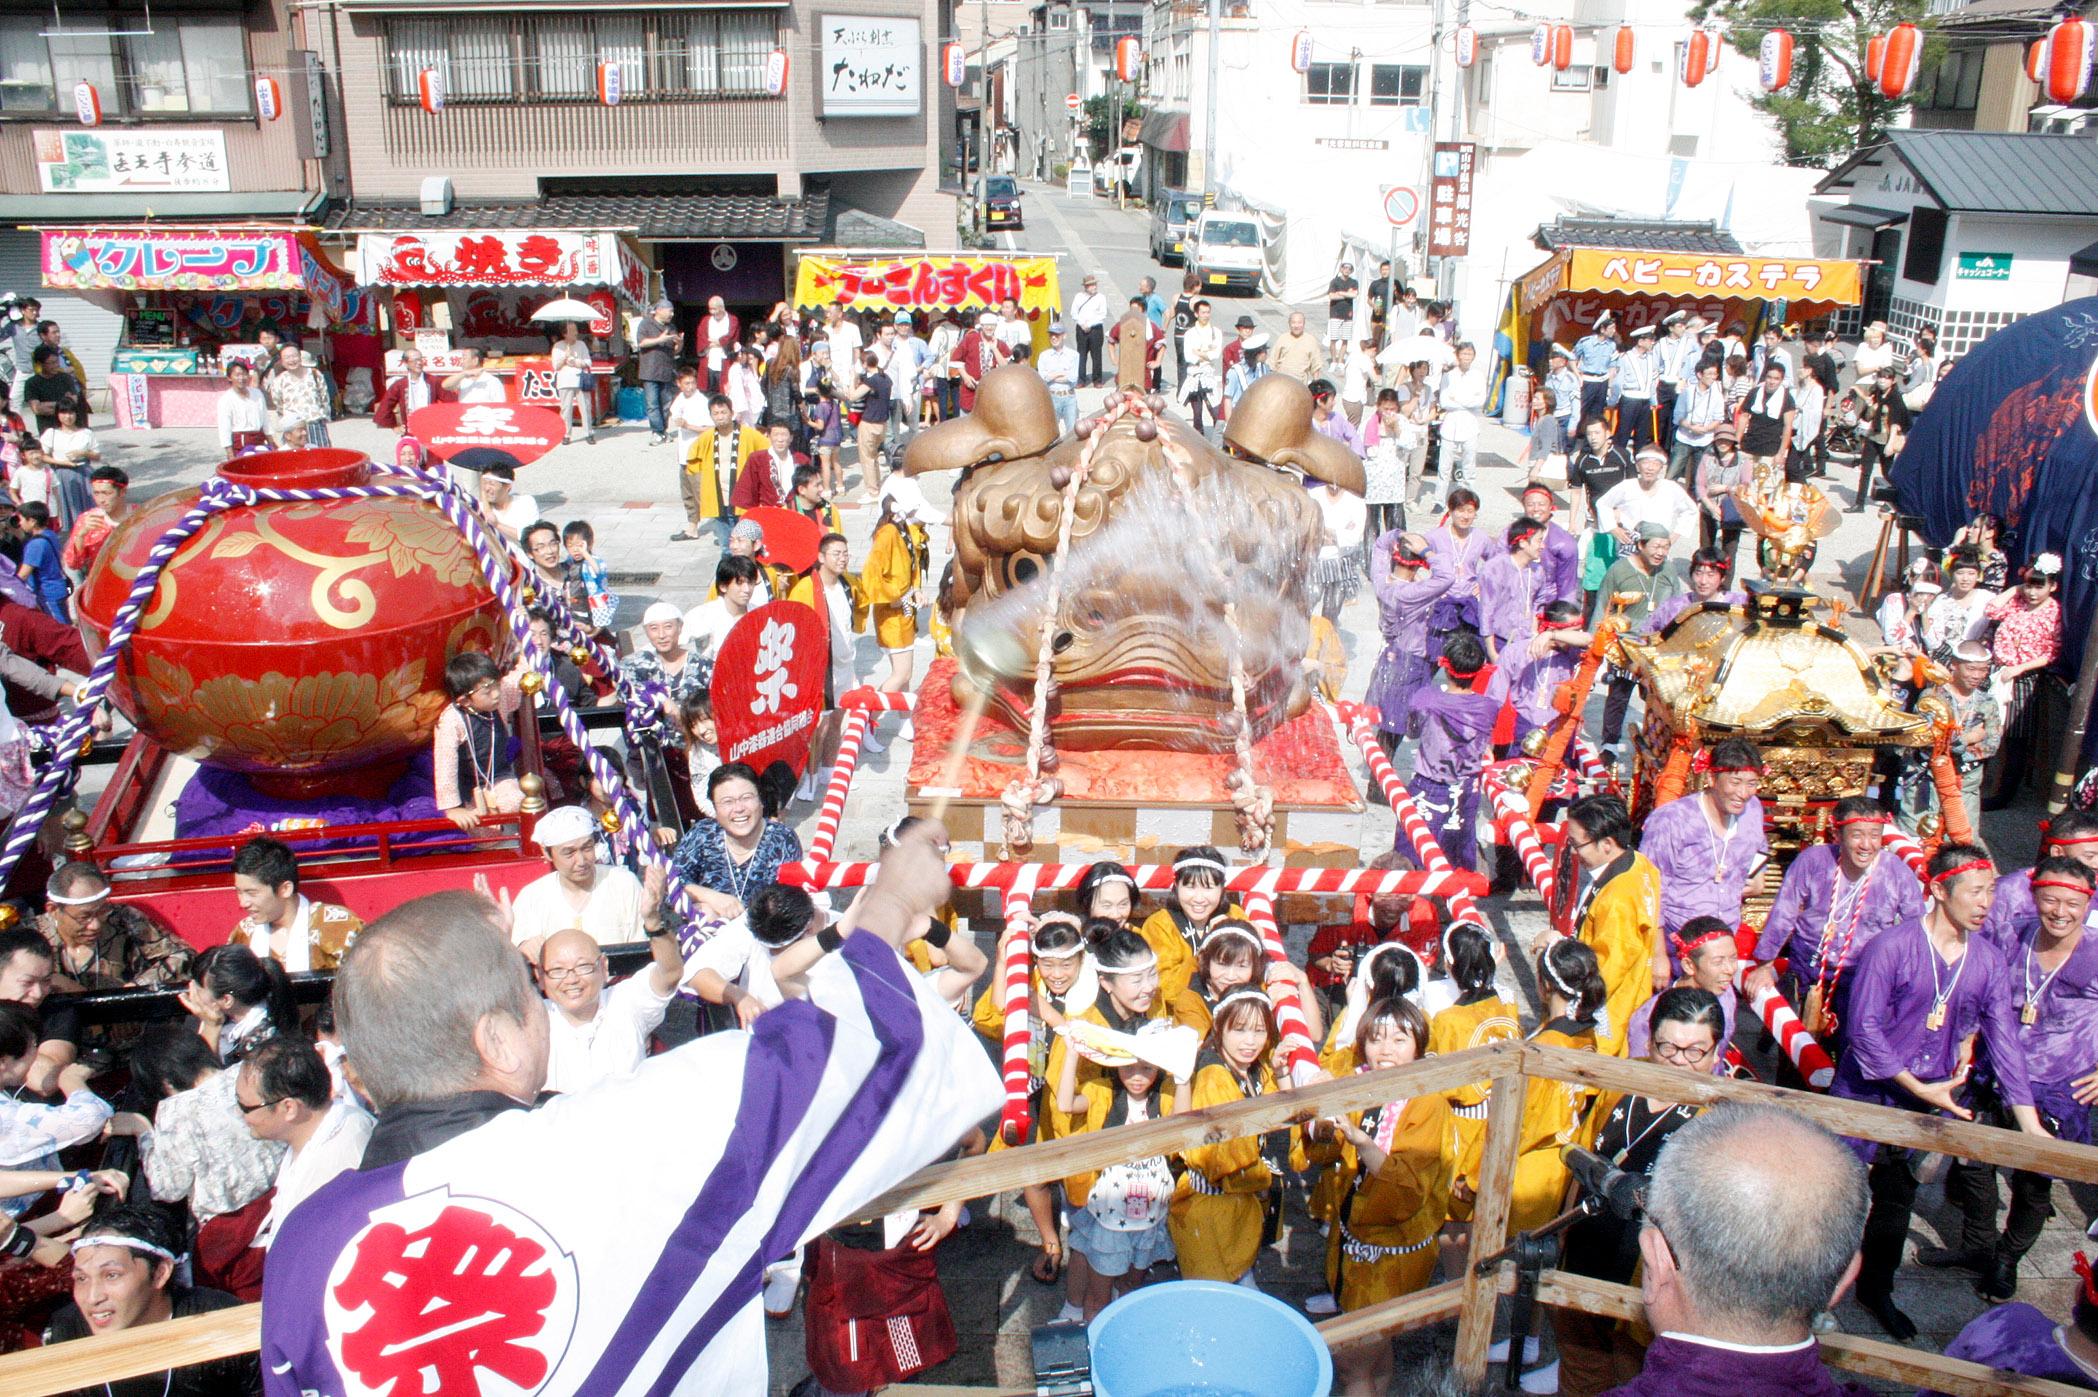 入湯の儀で源泉を浴びるみこし=加賀市山中温泉